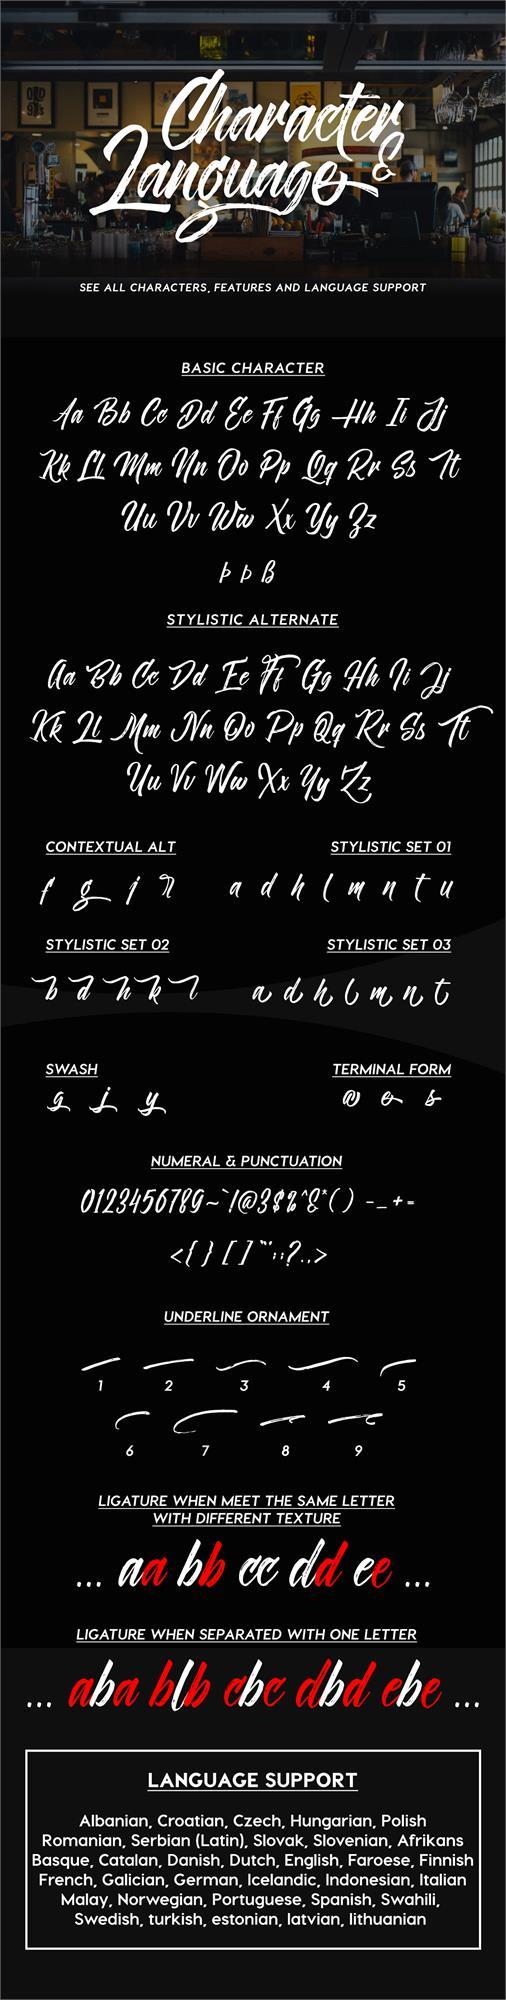 Image for Novitha ScriptDemo font